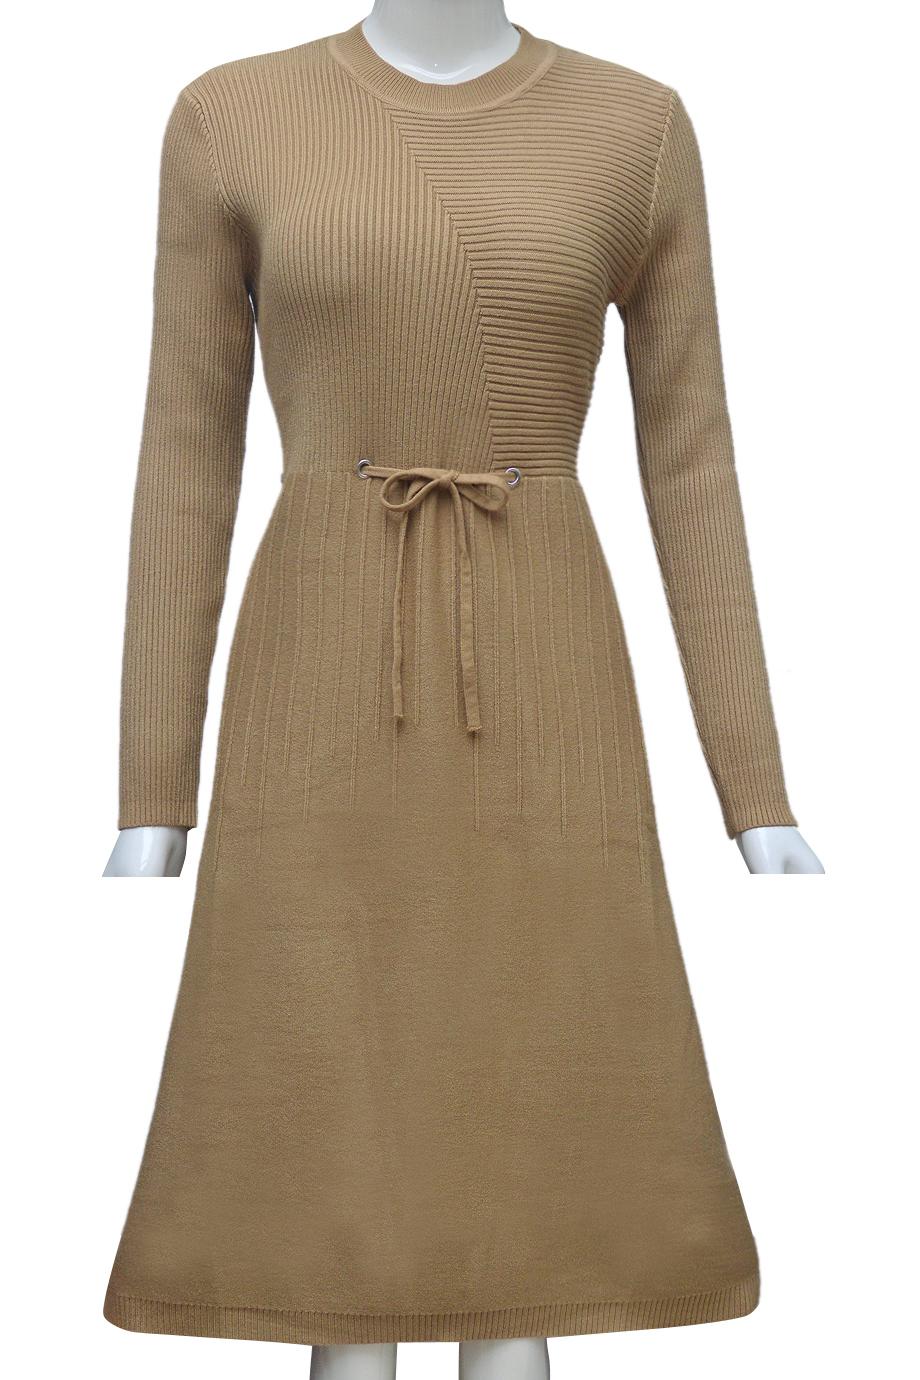 Váy len thời trang ELMI cao cấp màu vàng EV44-1